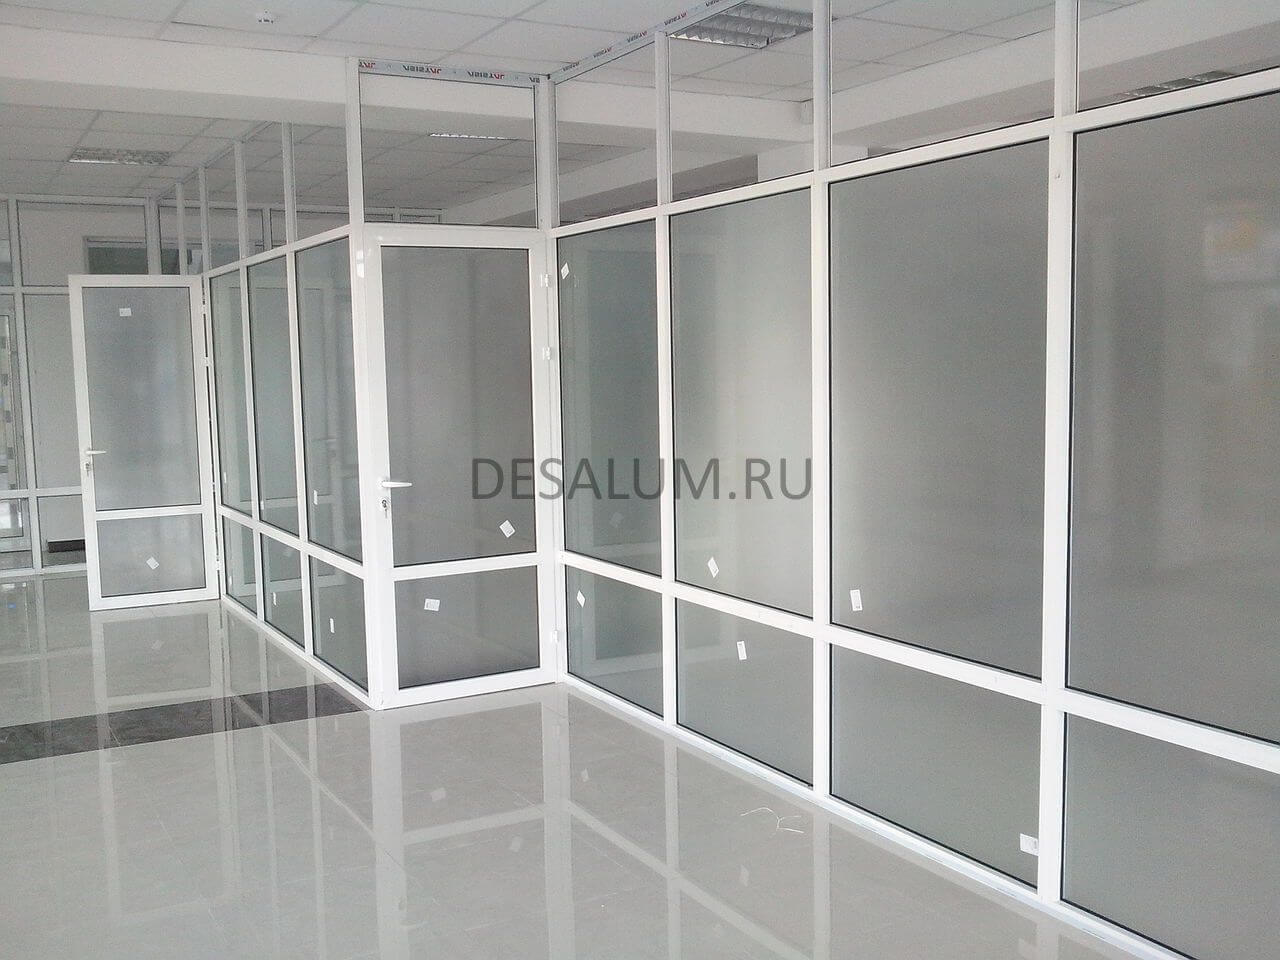 пластиковые перегородки для офиса desalum